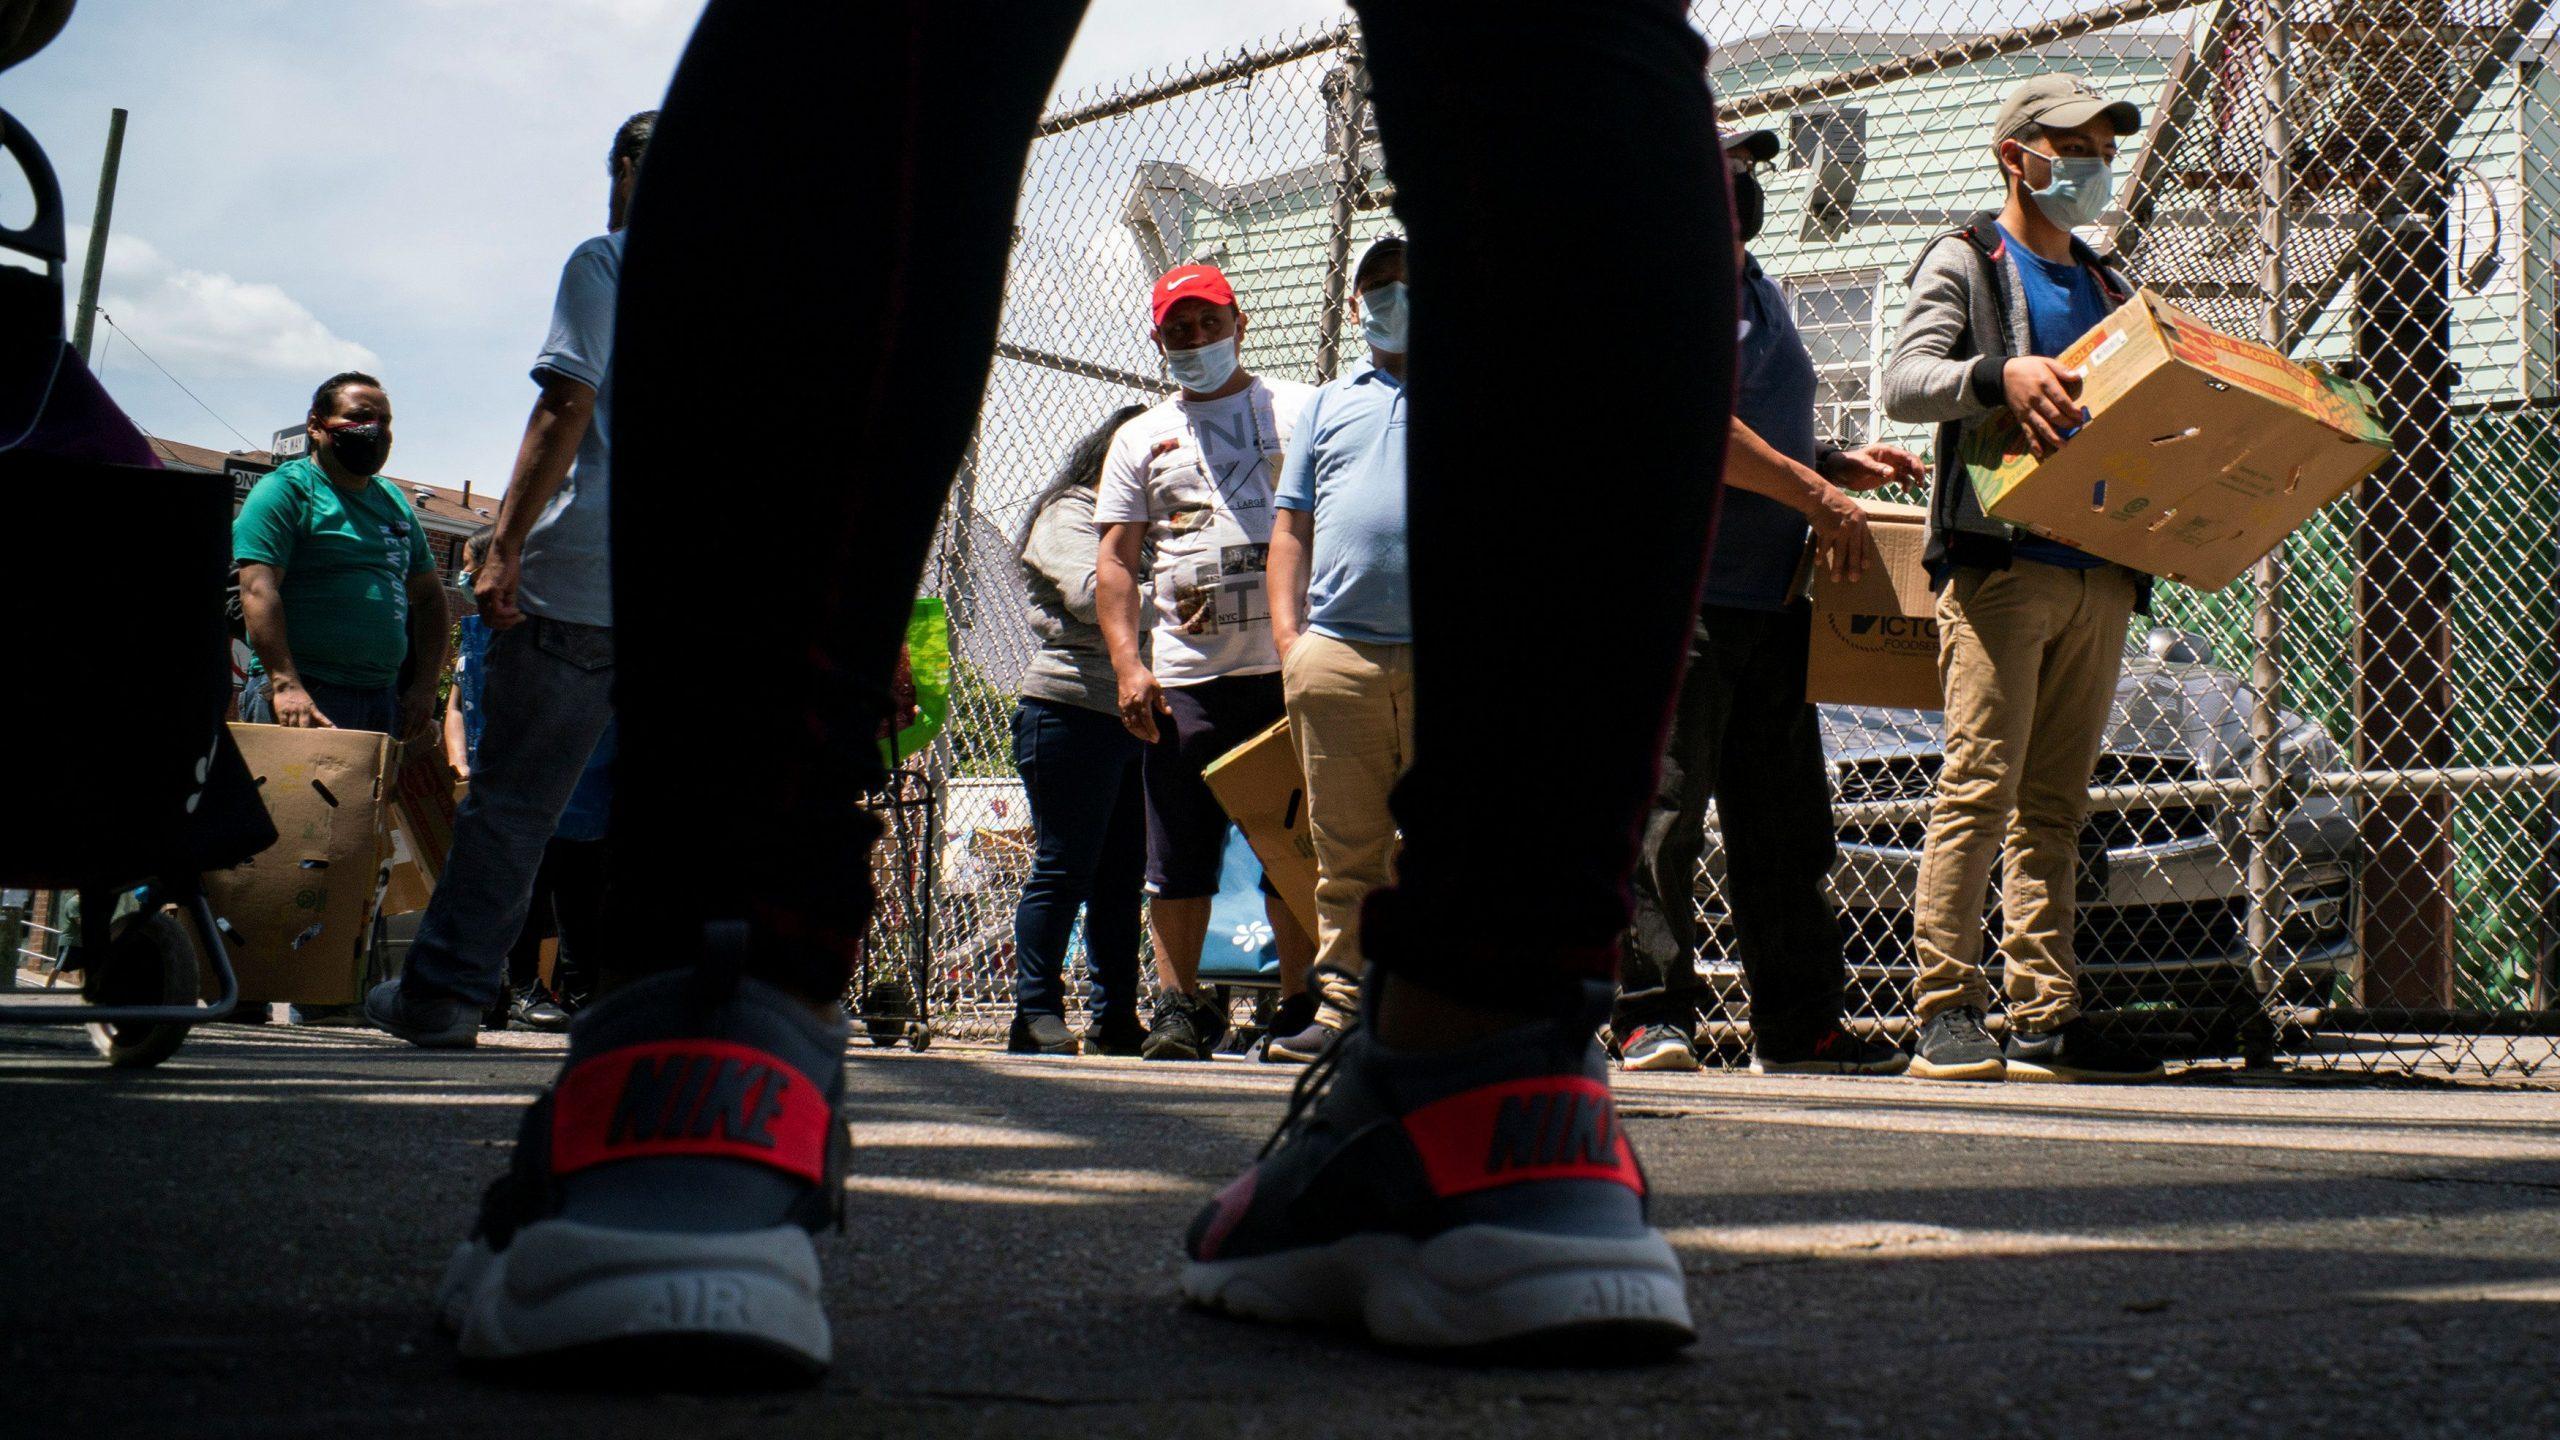 """<span class=""""rodt"""">Journalister afvises:</span> """"Vi har slet ikke kunnet komme ind i USA efter corona"""""""